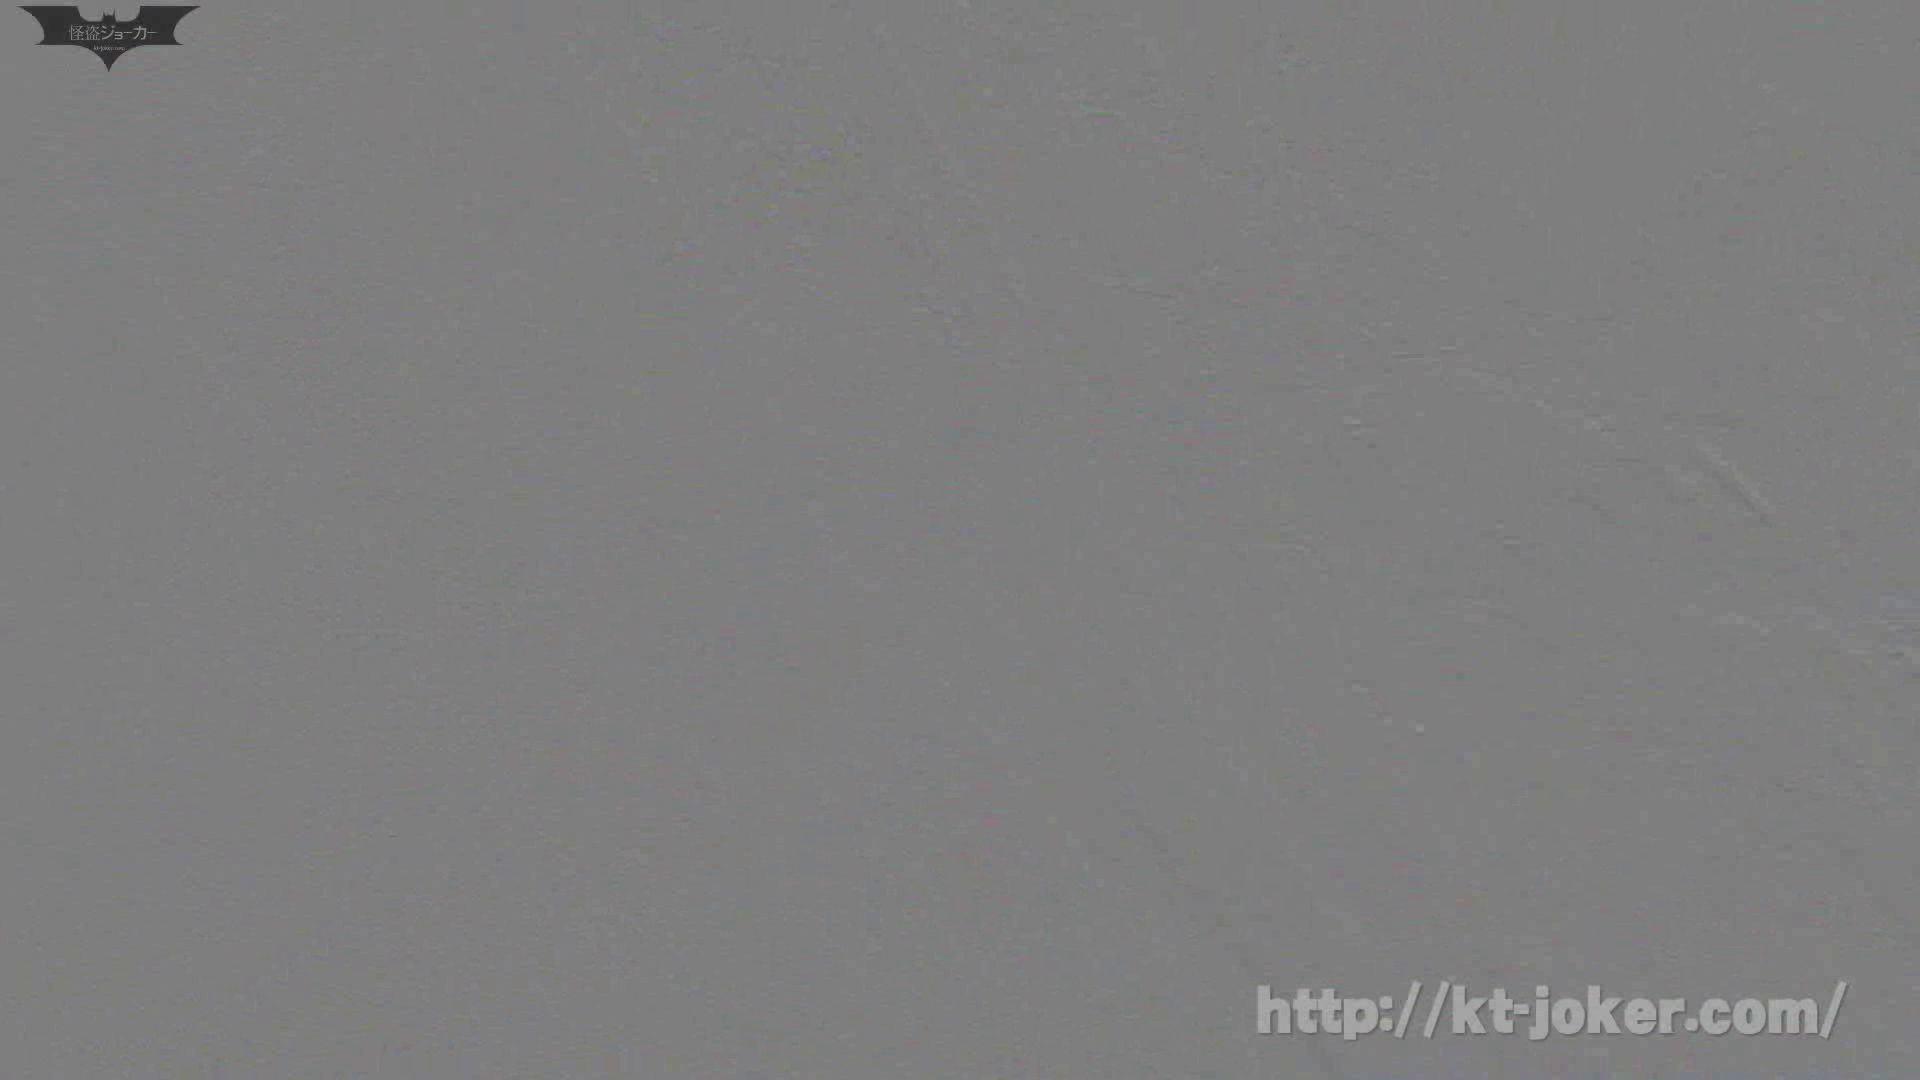 命がけ潜伏洗面所! vol.63 いやらしいOL エロ画像 60連発 37